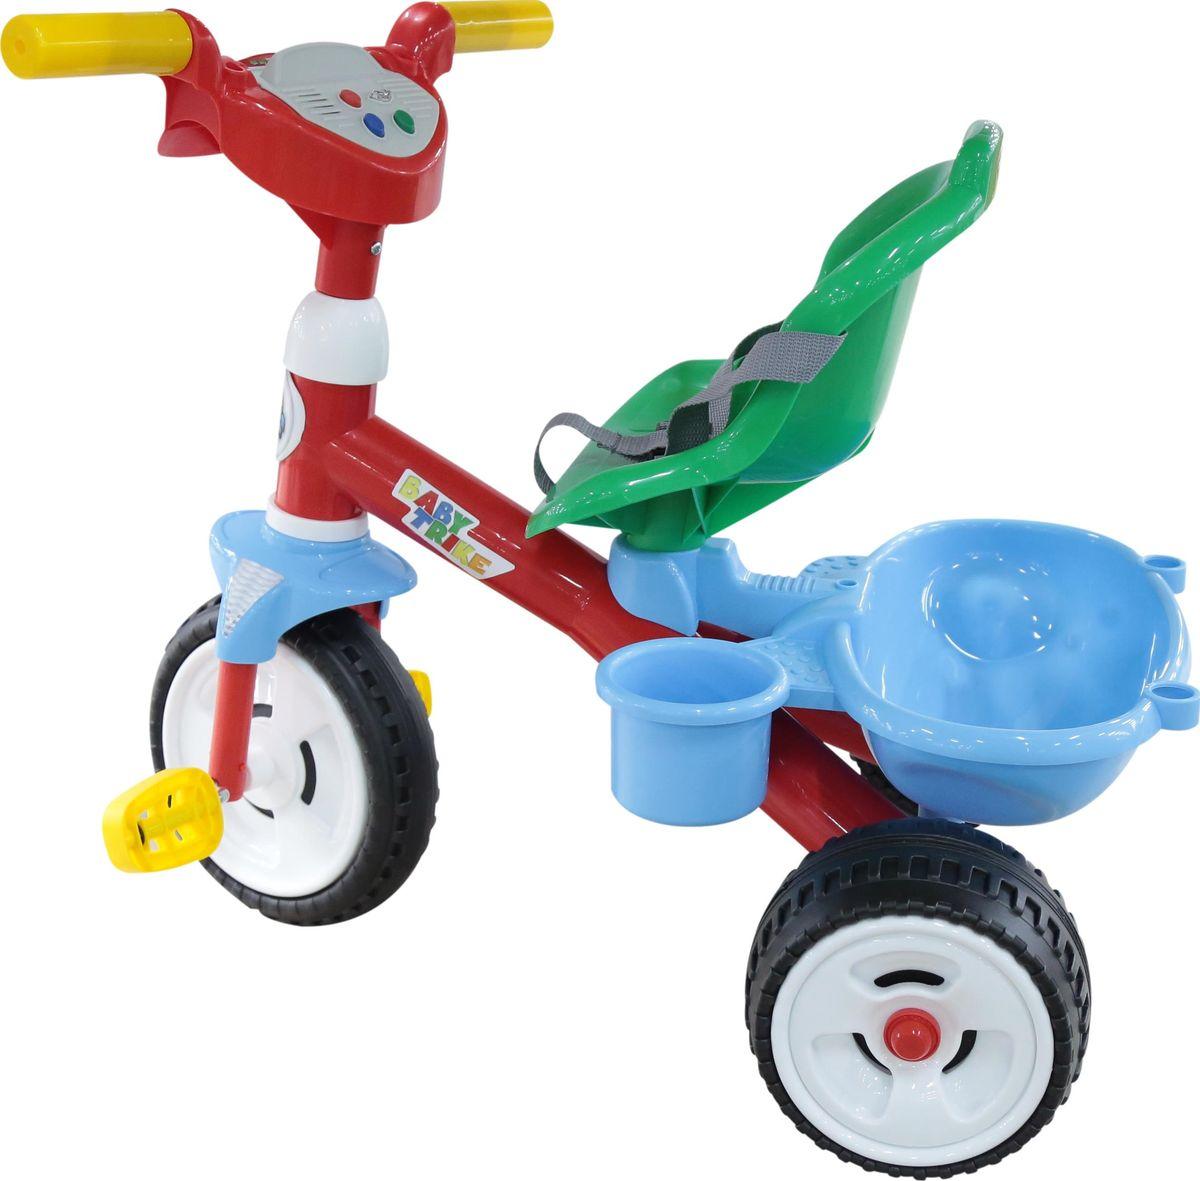 Полесье Велосипед трехколесный Беби Трайк, 46734, цвет в ассортименте